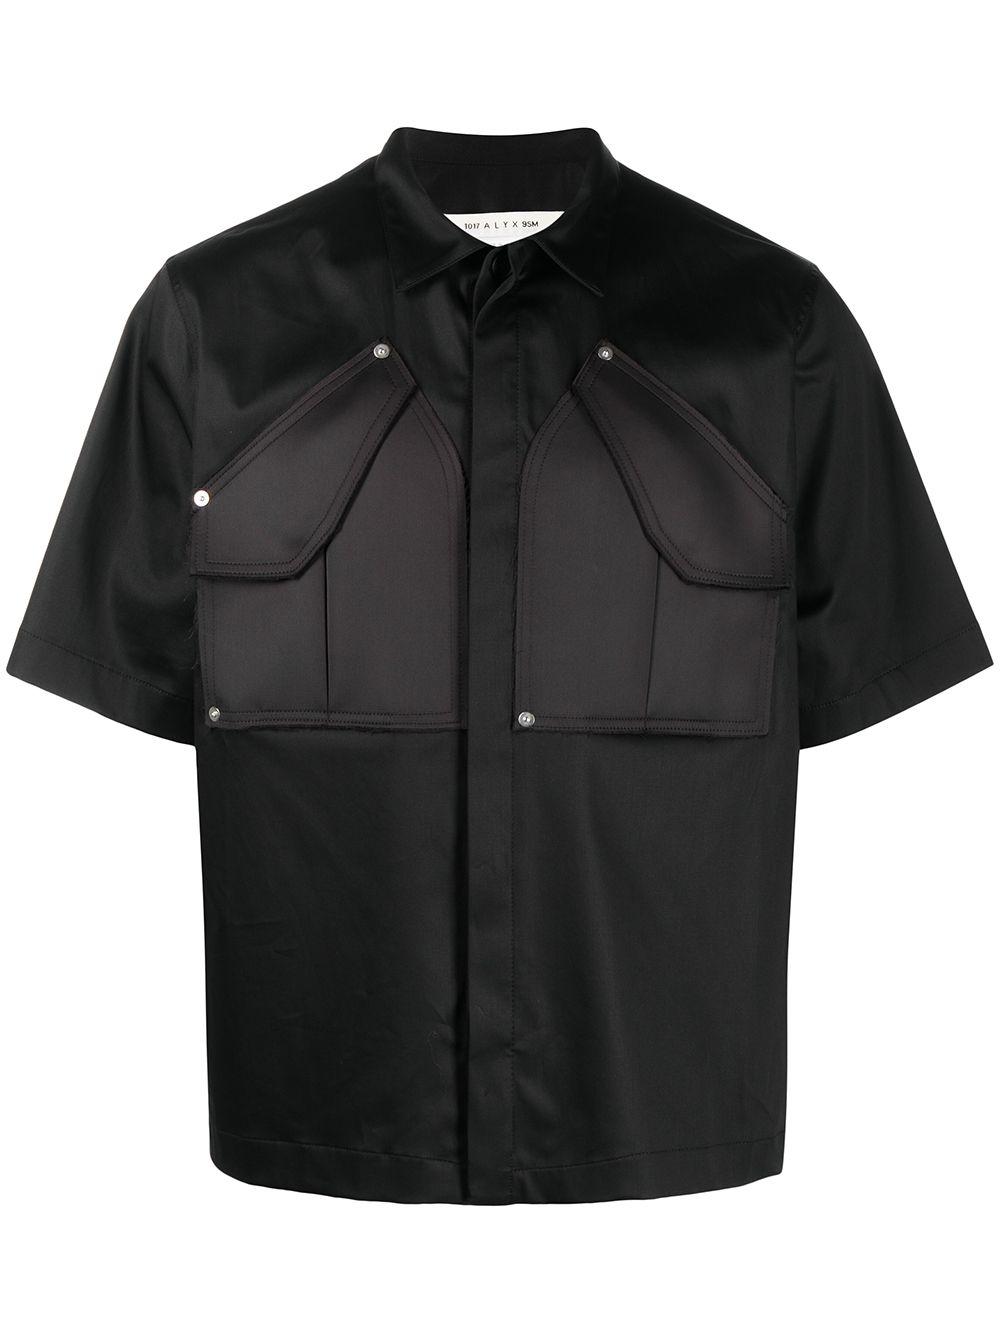 1017 Alyx 9Sm camicia cargo uomo nero 1017 ALYX 9SM | Camicie | AAUSH0102FA01BLK0001